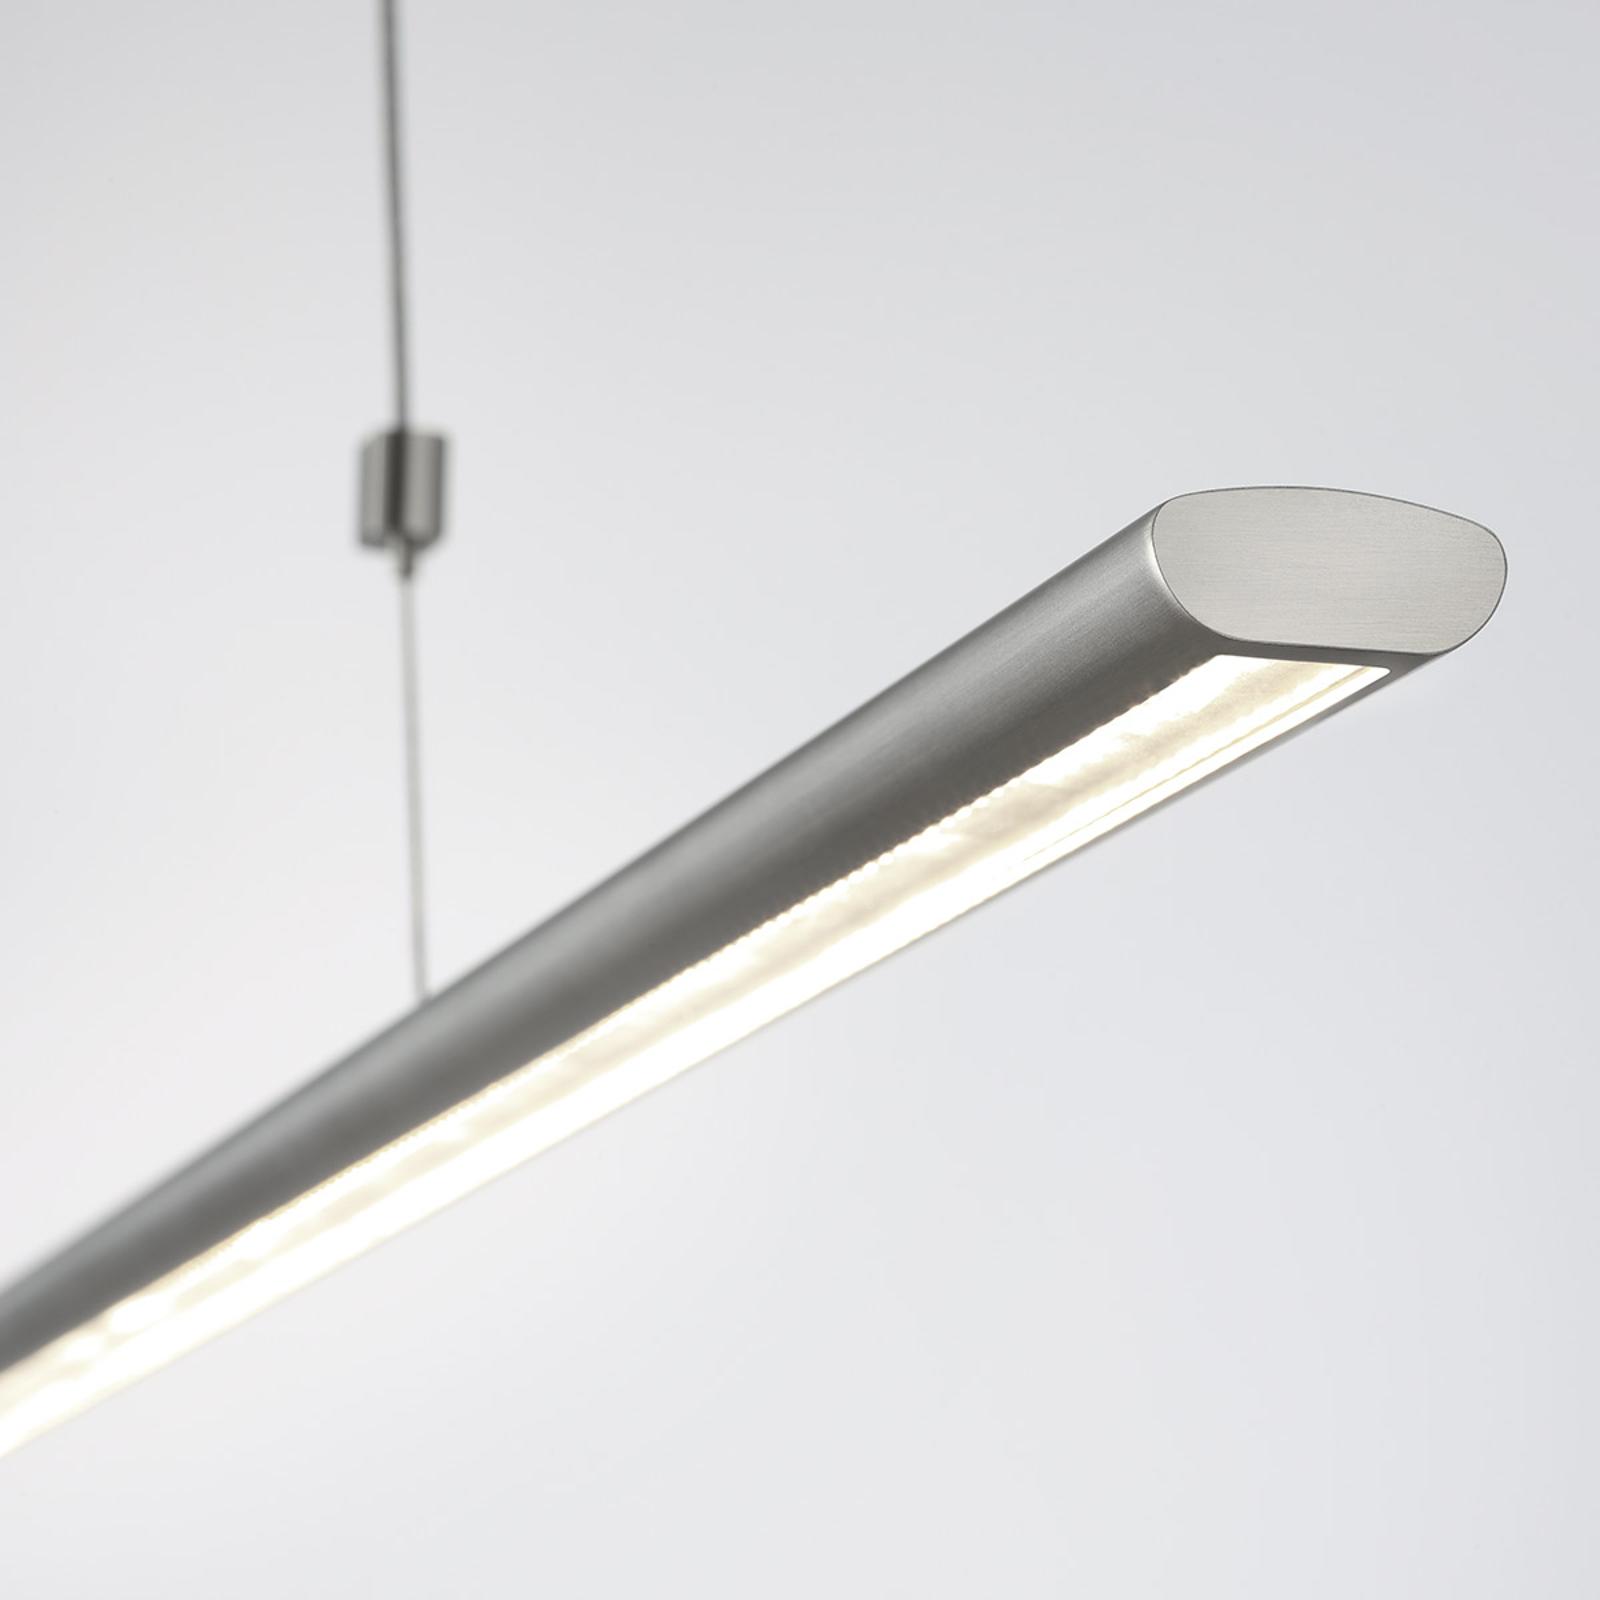 140 cm lange LED-Pendelleuchte Brit, Nickel matt kaufen